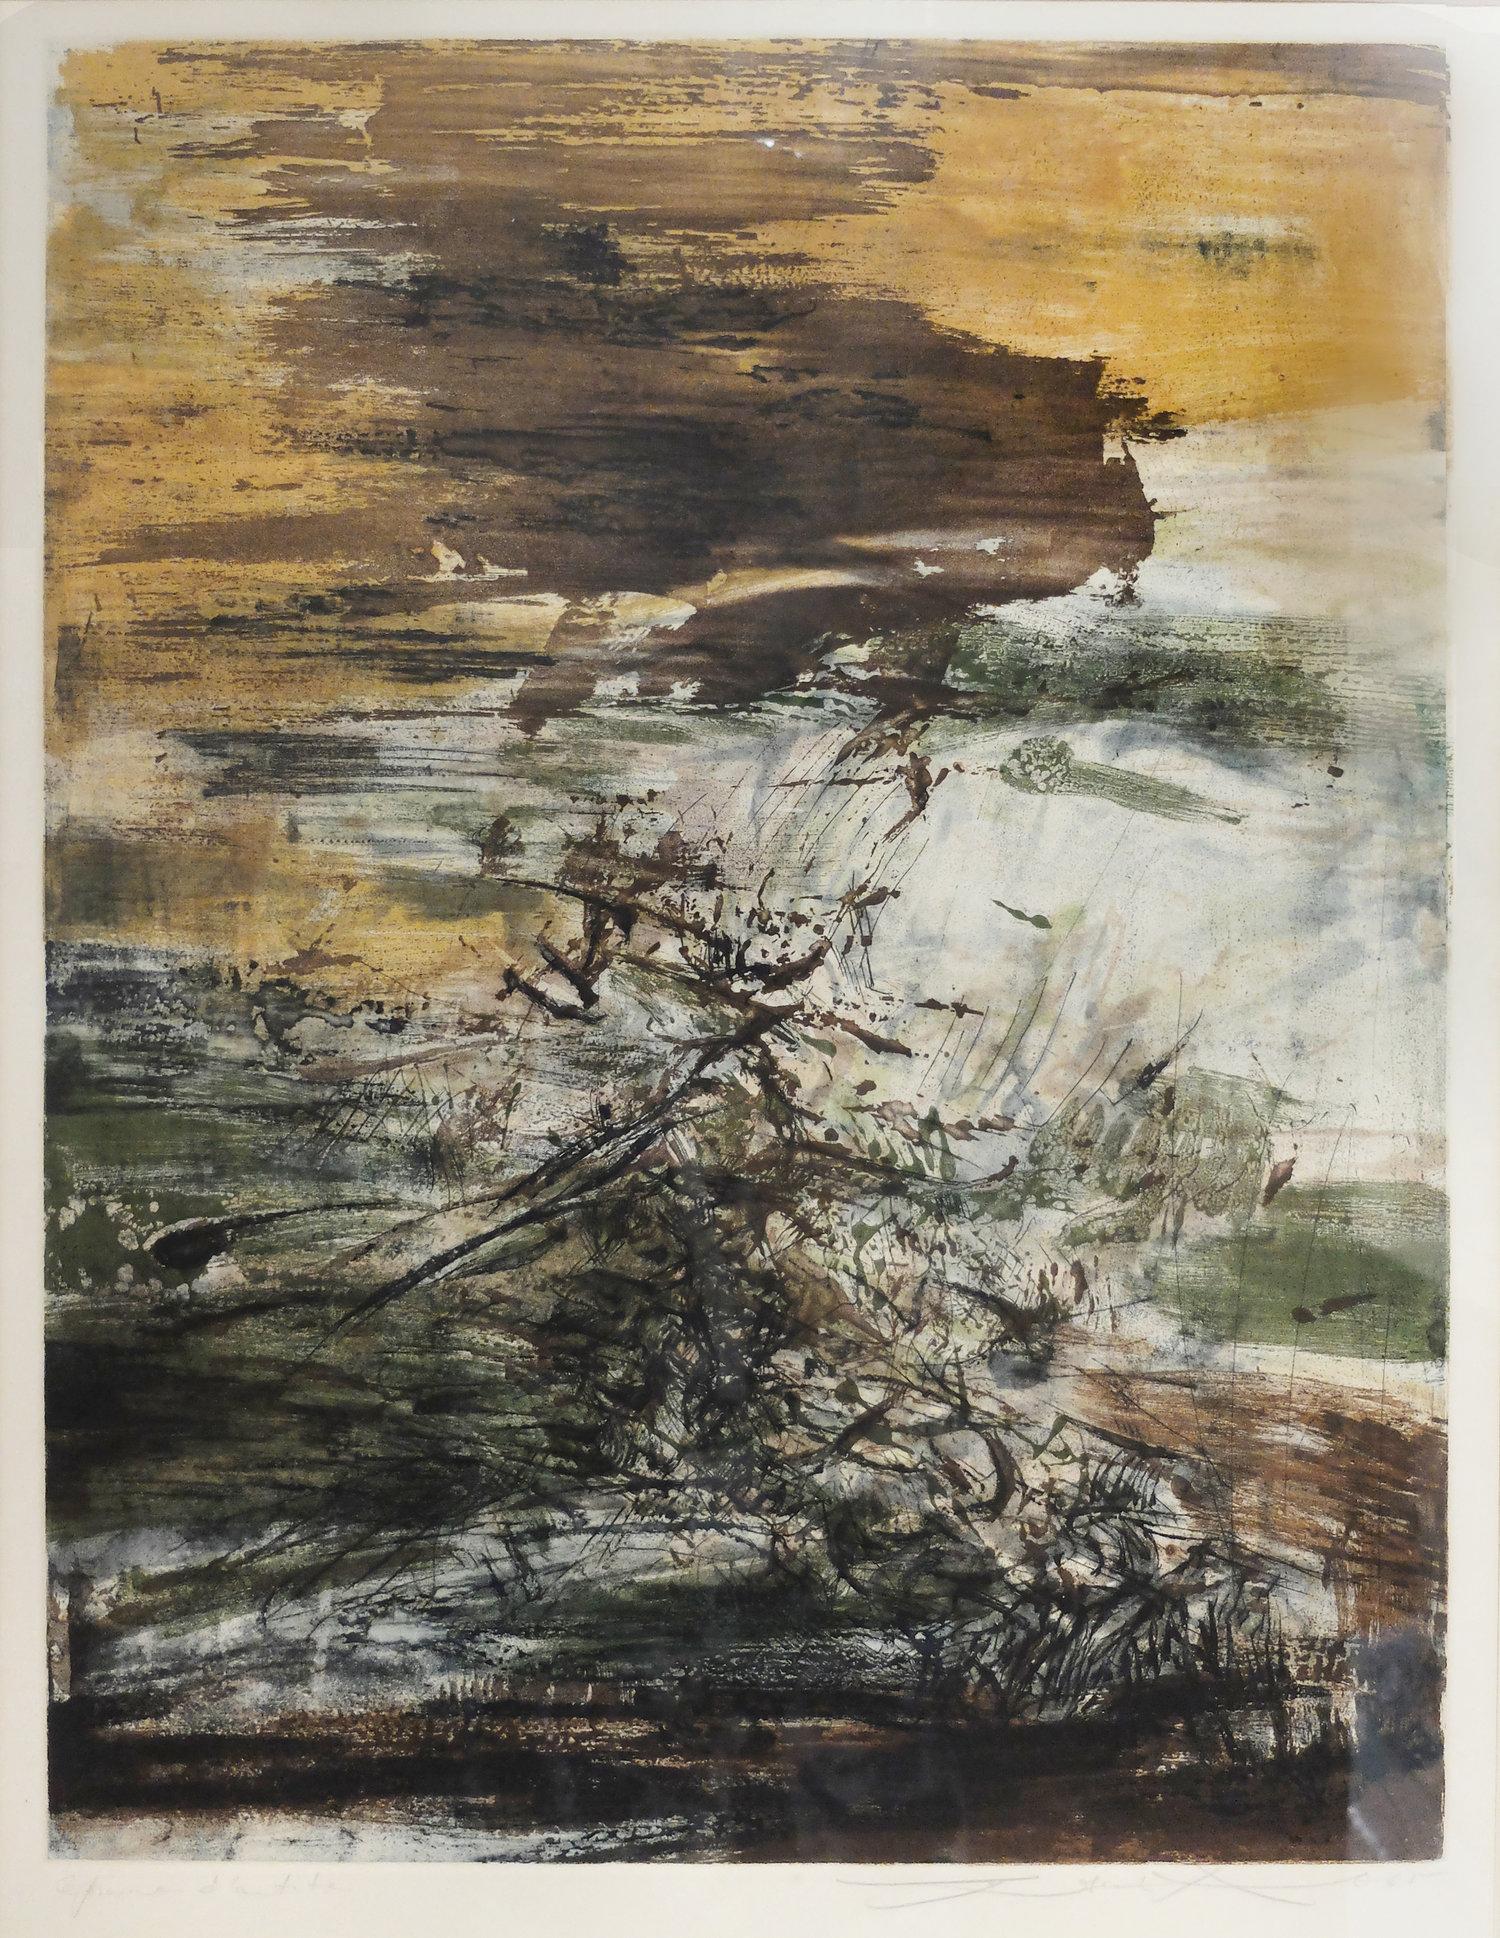 Zao Wou-Ki, Untitled, lithograph, 53.5 x 41 cm, 1965